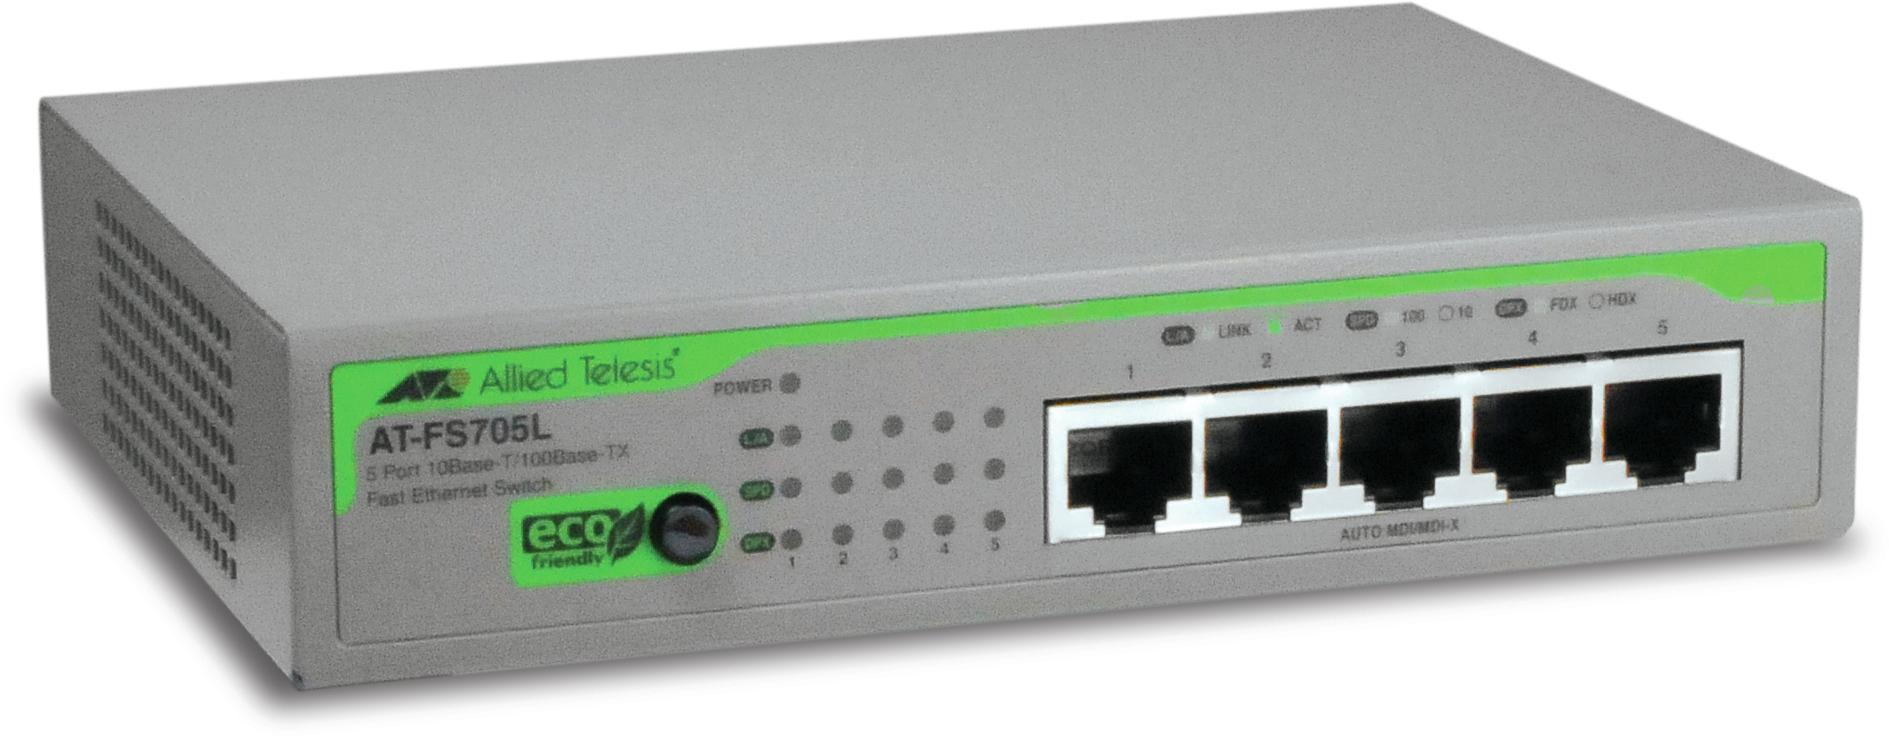 Allied Telesis AT-FS705L-50 No gestito